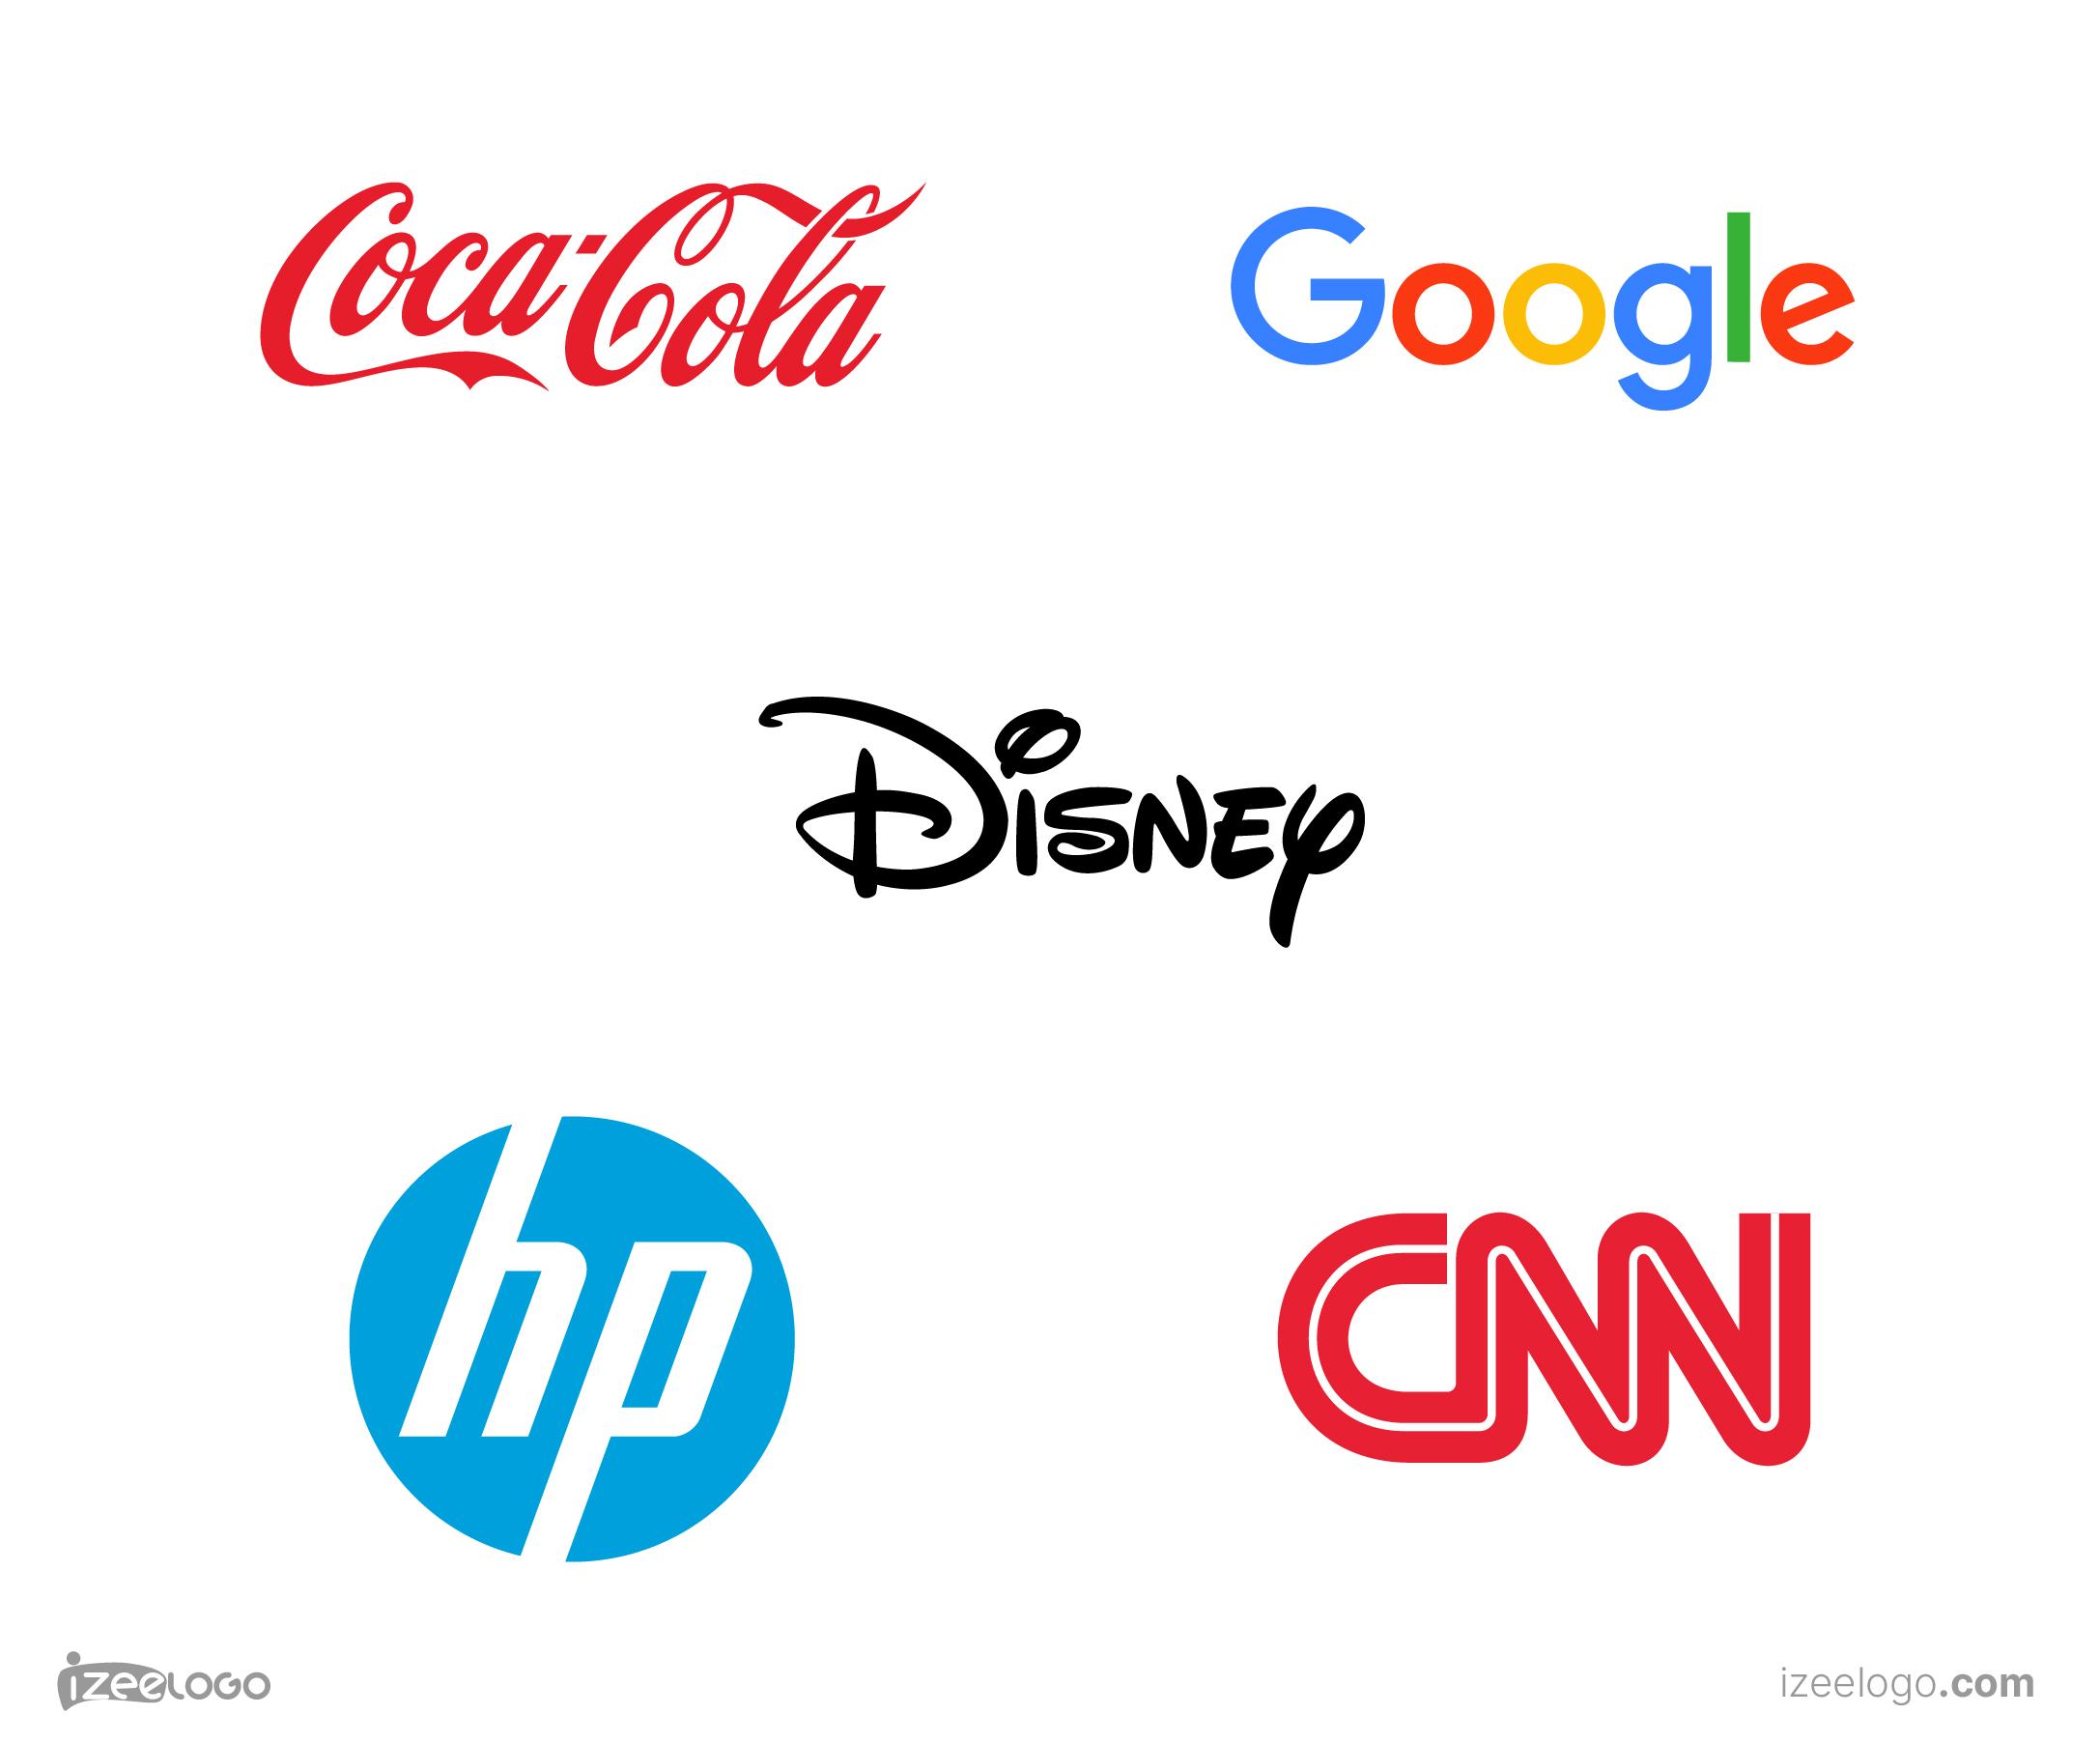 Los mejores logos de logotipo: logo Coca cola, logo Google, logo Disney, logo CNN, Logo hp